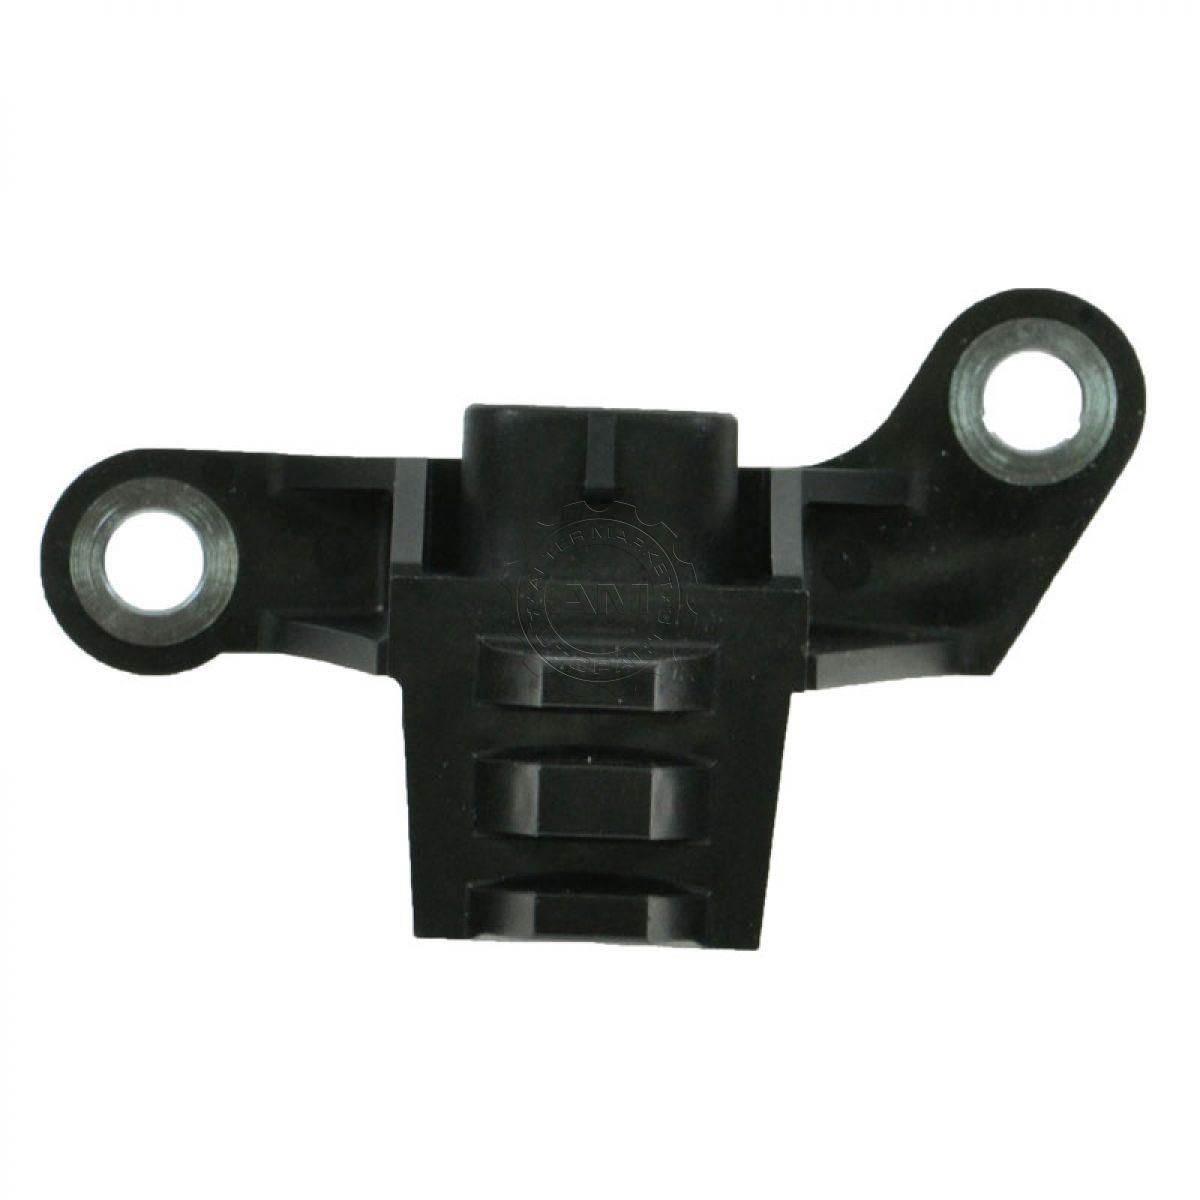 WELLS CAS Crankshaft Position Sensor For GM Chevy Pontiac